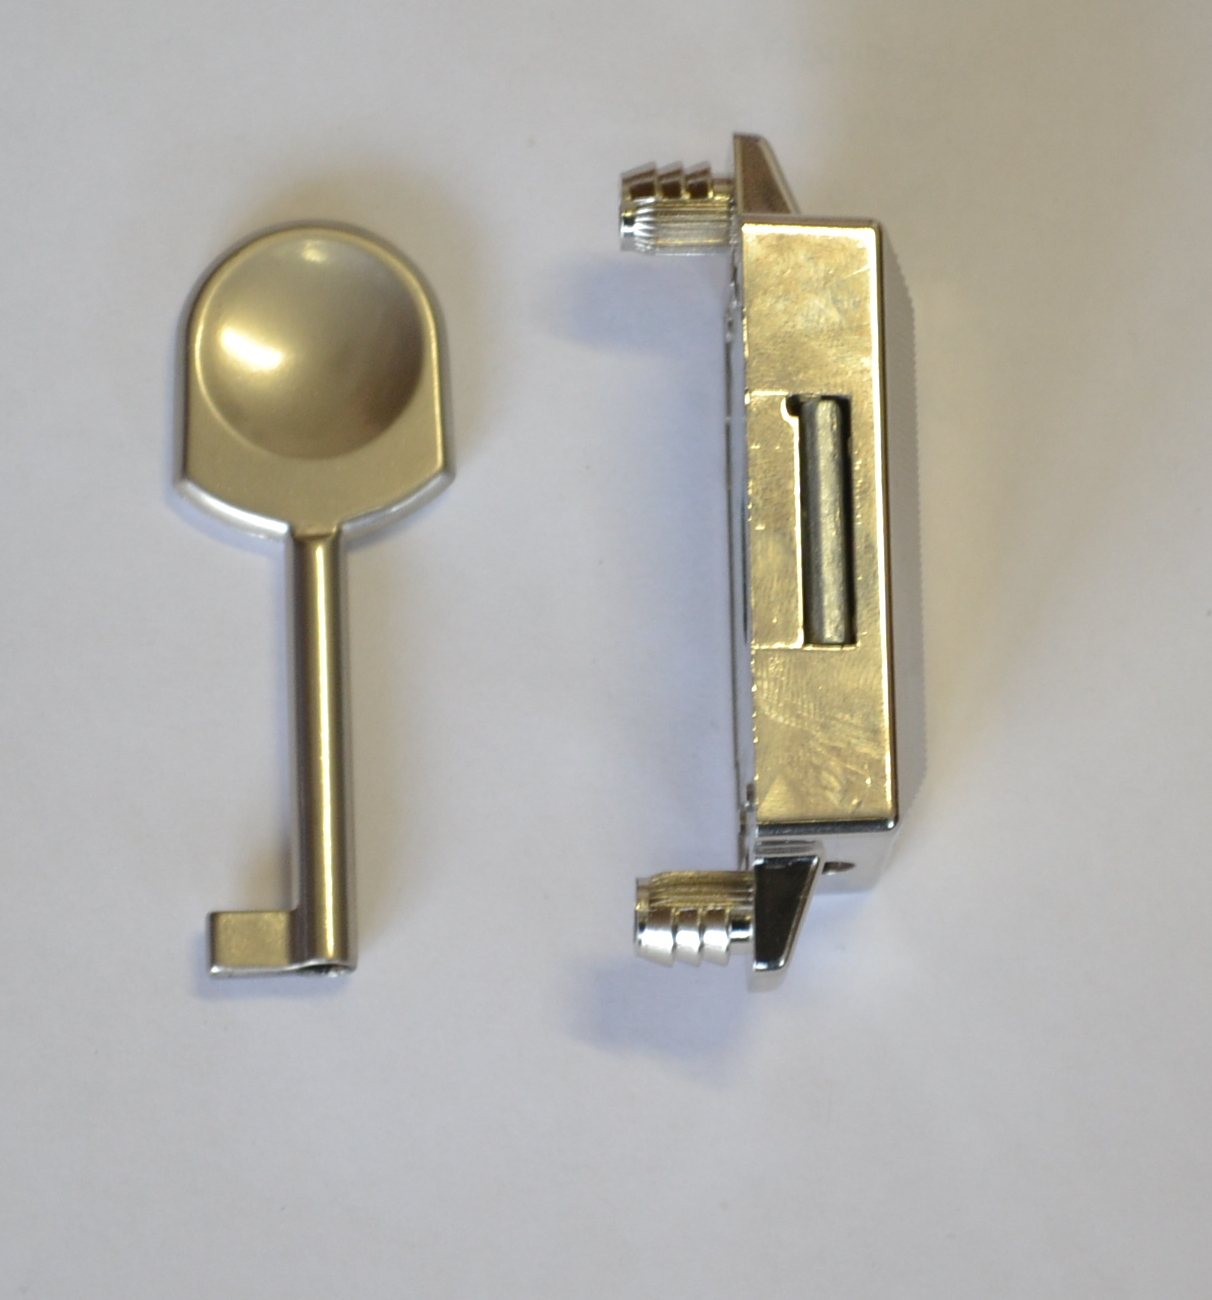 drehstangenschloss mit schlüssel möbelschloss | möbelhandel - stefani